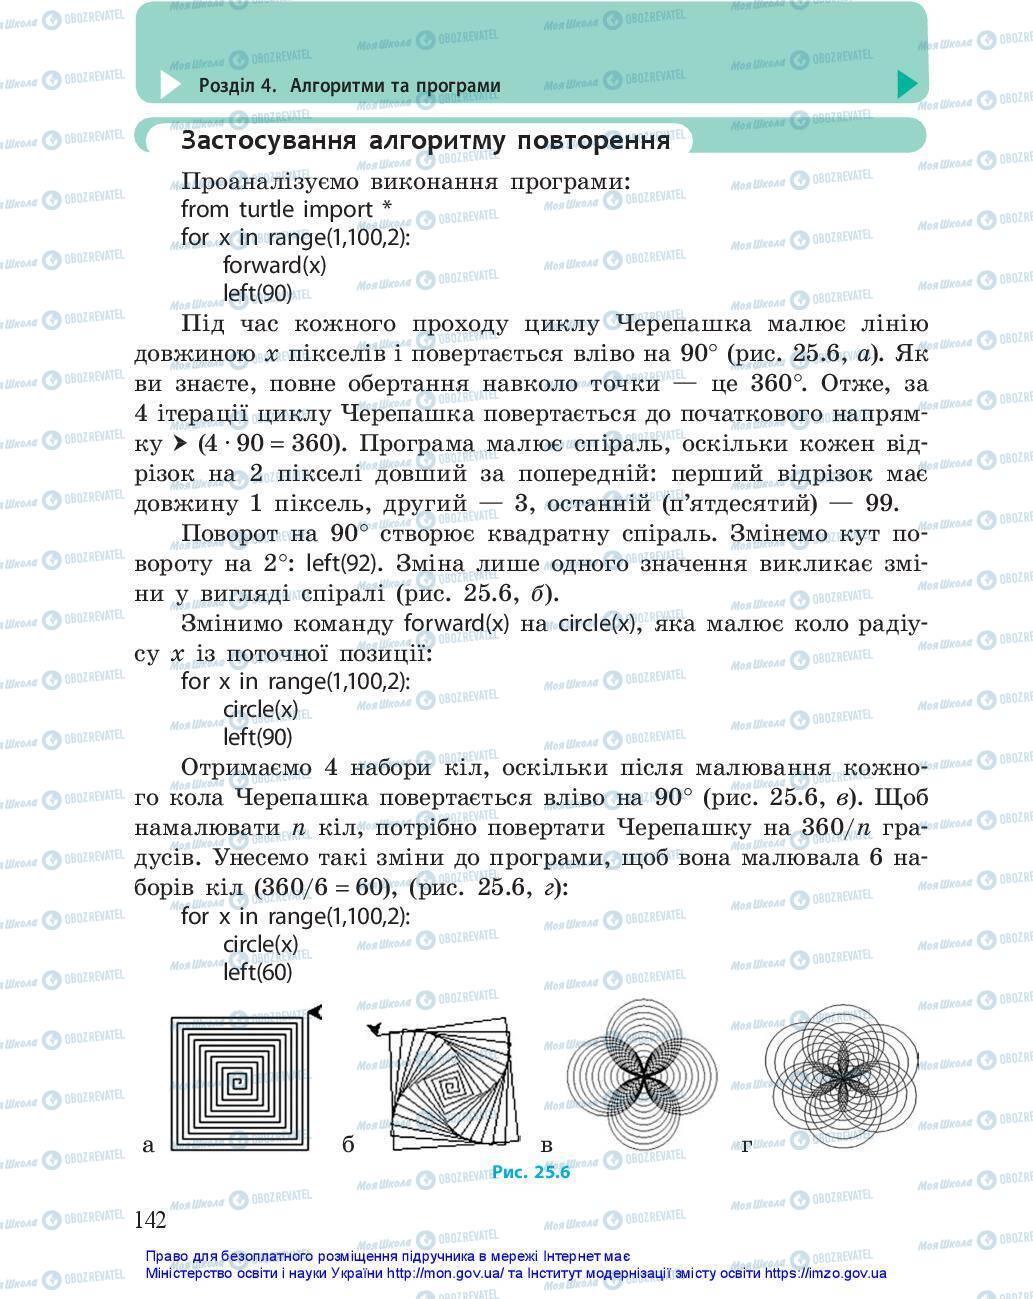 Підручники Інформатика 5 клас сторінка 142